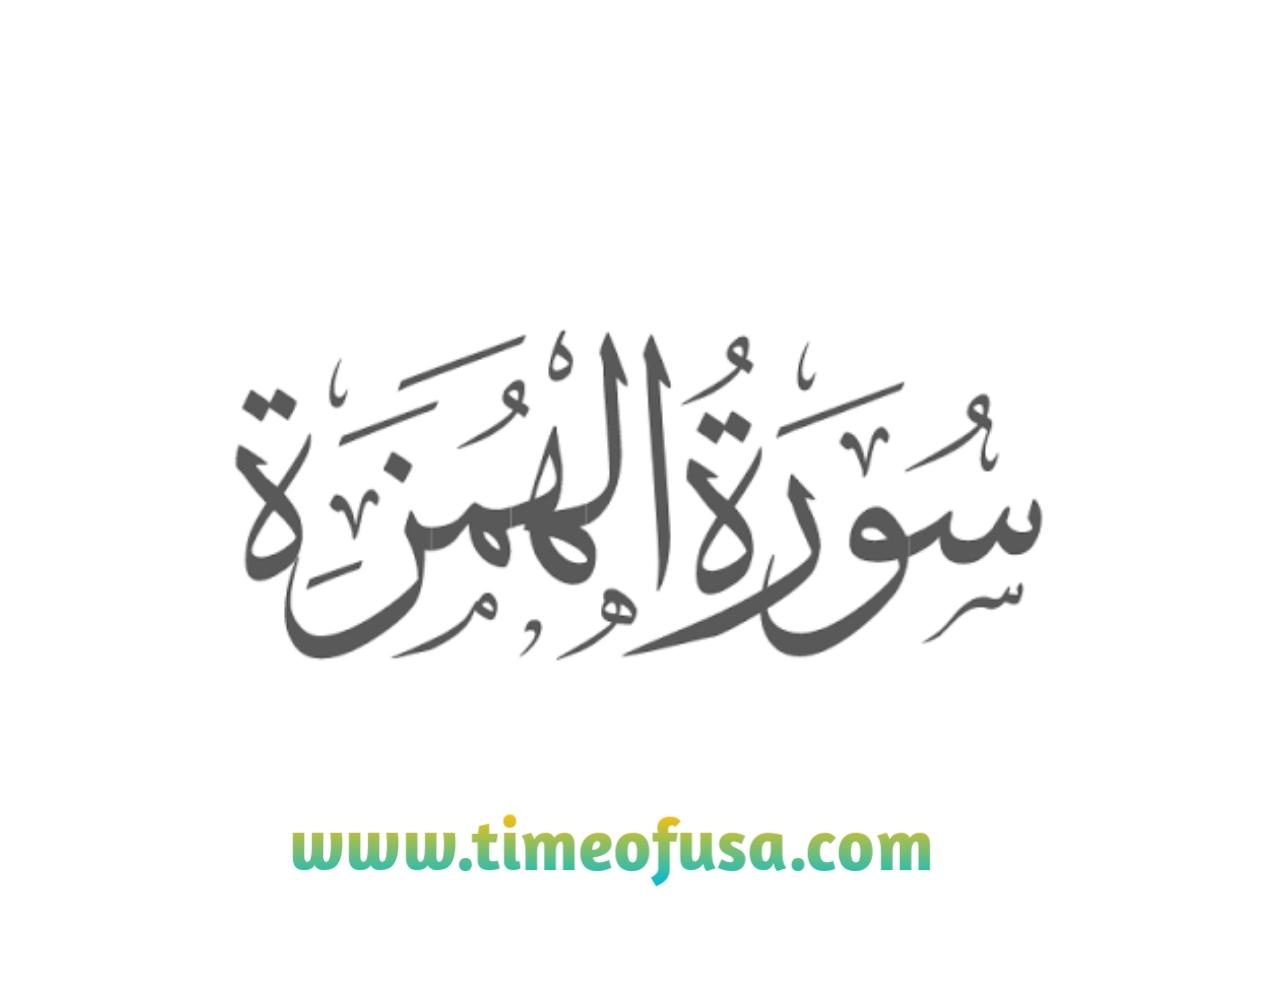 surat al humazah, surah humazah, humazah,  wailul likulli humazatil lumazah, surah al humazah rumi, surah wailul likulli humazatil lumazah, surah 104, humazah surah, surah, humazah in english, humaza, surah humazah translation, al humazah rumi, surah humazah bangla, al humazah surah, surah humazah meaning, surah humazah rumi, surah humazah with urdu translation, way lulli kulli surah, surah wailul, surah humazah urdu translation